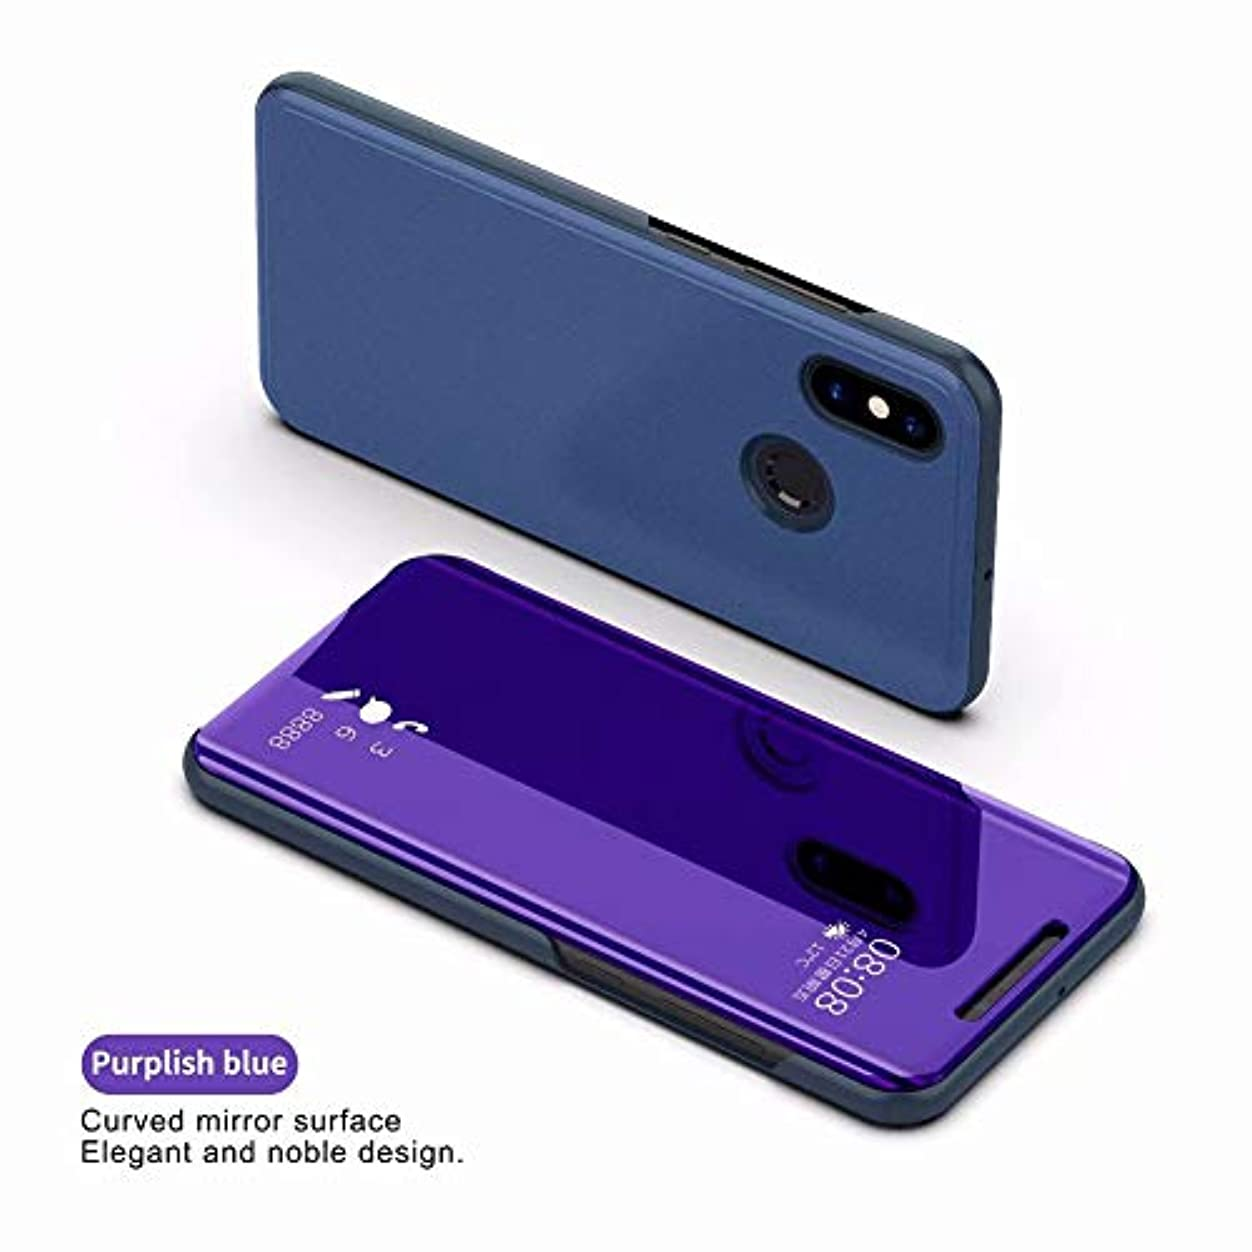 原因絶えずセンブランス携帯電話ケース - スマートスリーピングホルスターミラーフリップブラケットカバー 耐衝撃性と耐傷性の電話ケース適用可能oppo